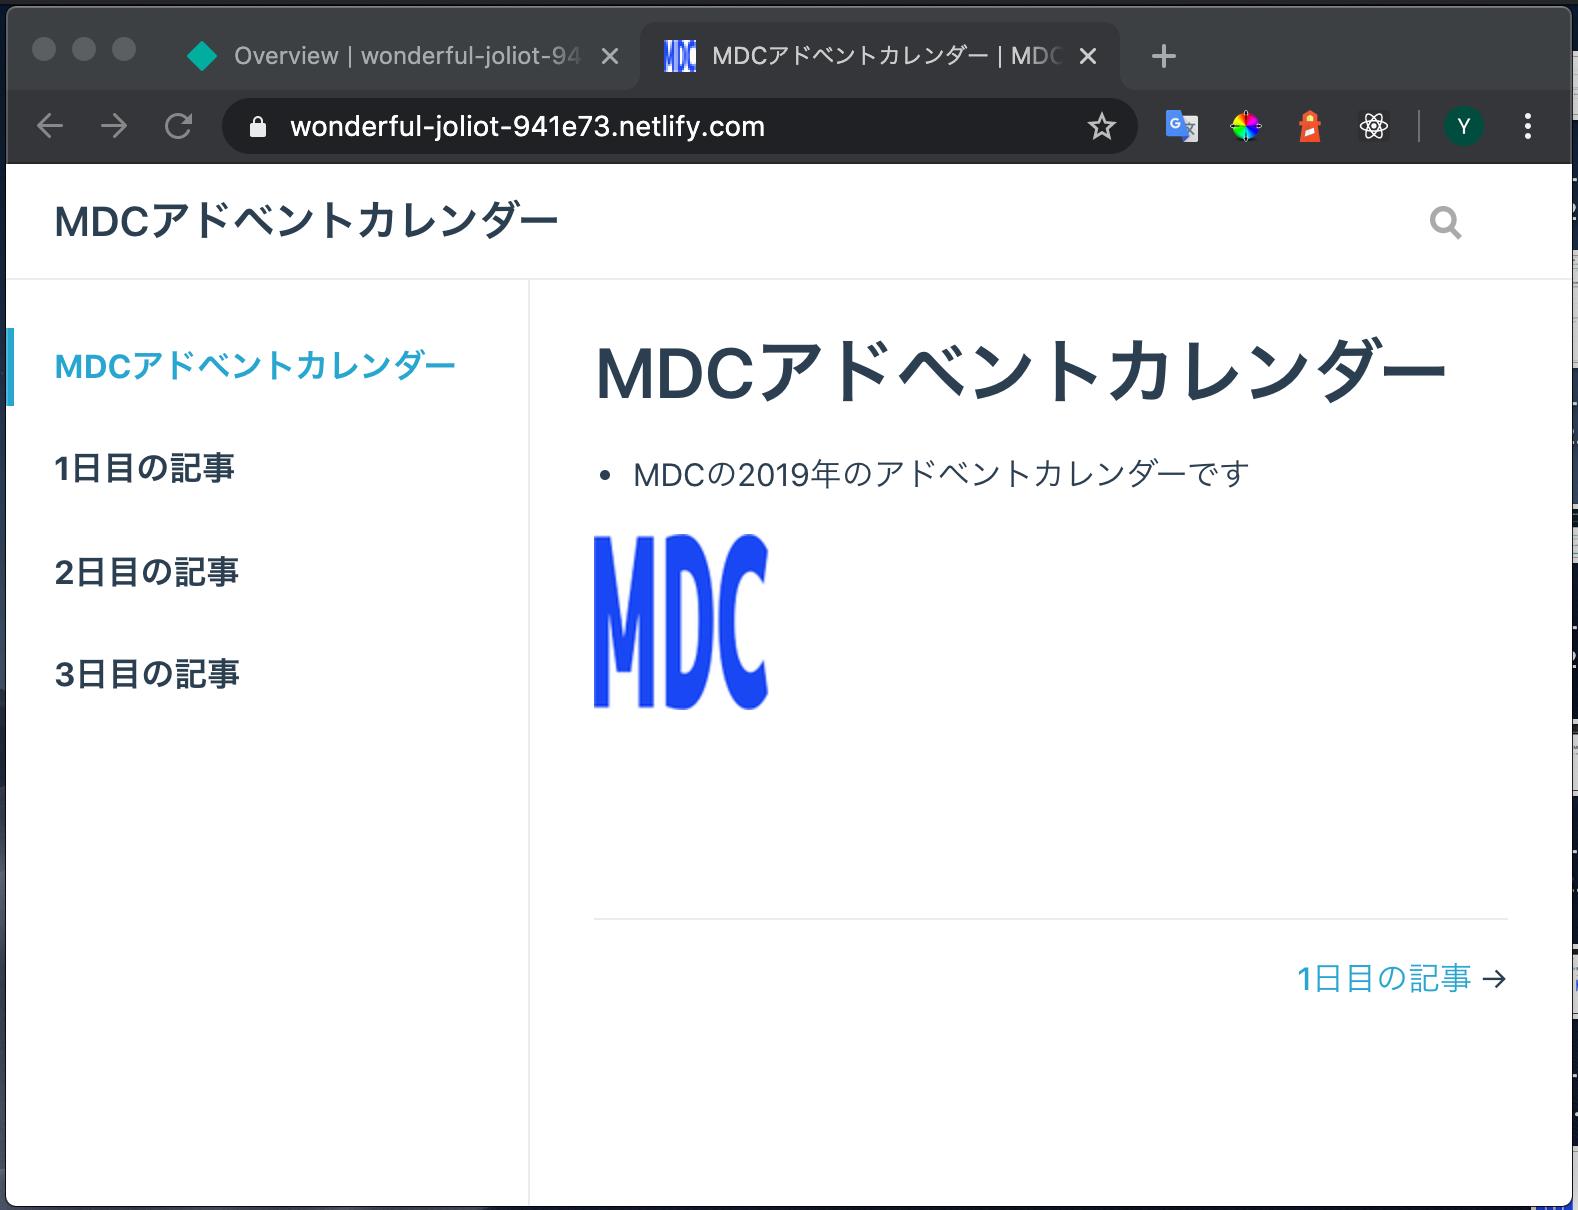 スクリーンショット 2019-12-05 0.39.36.png